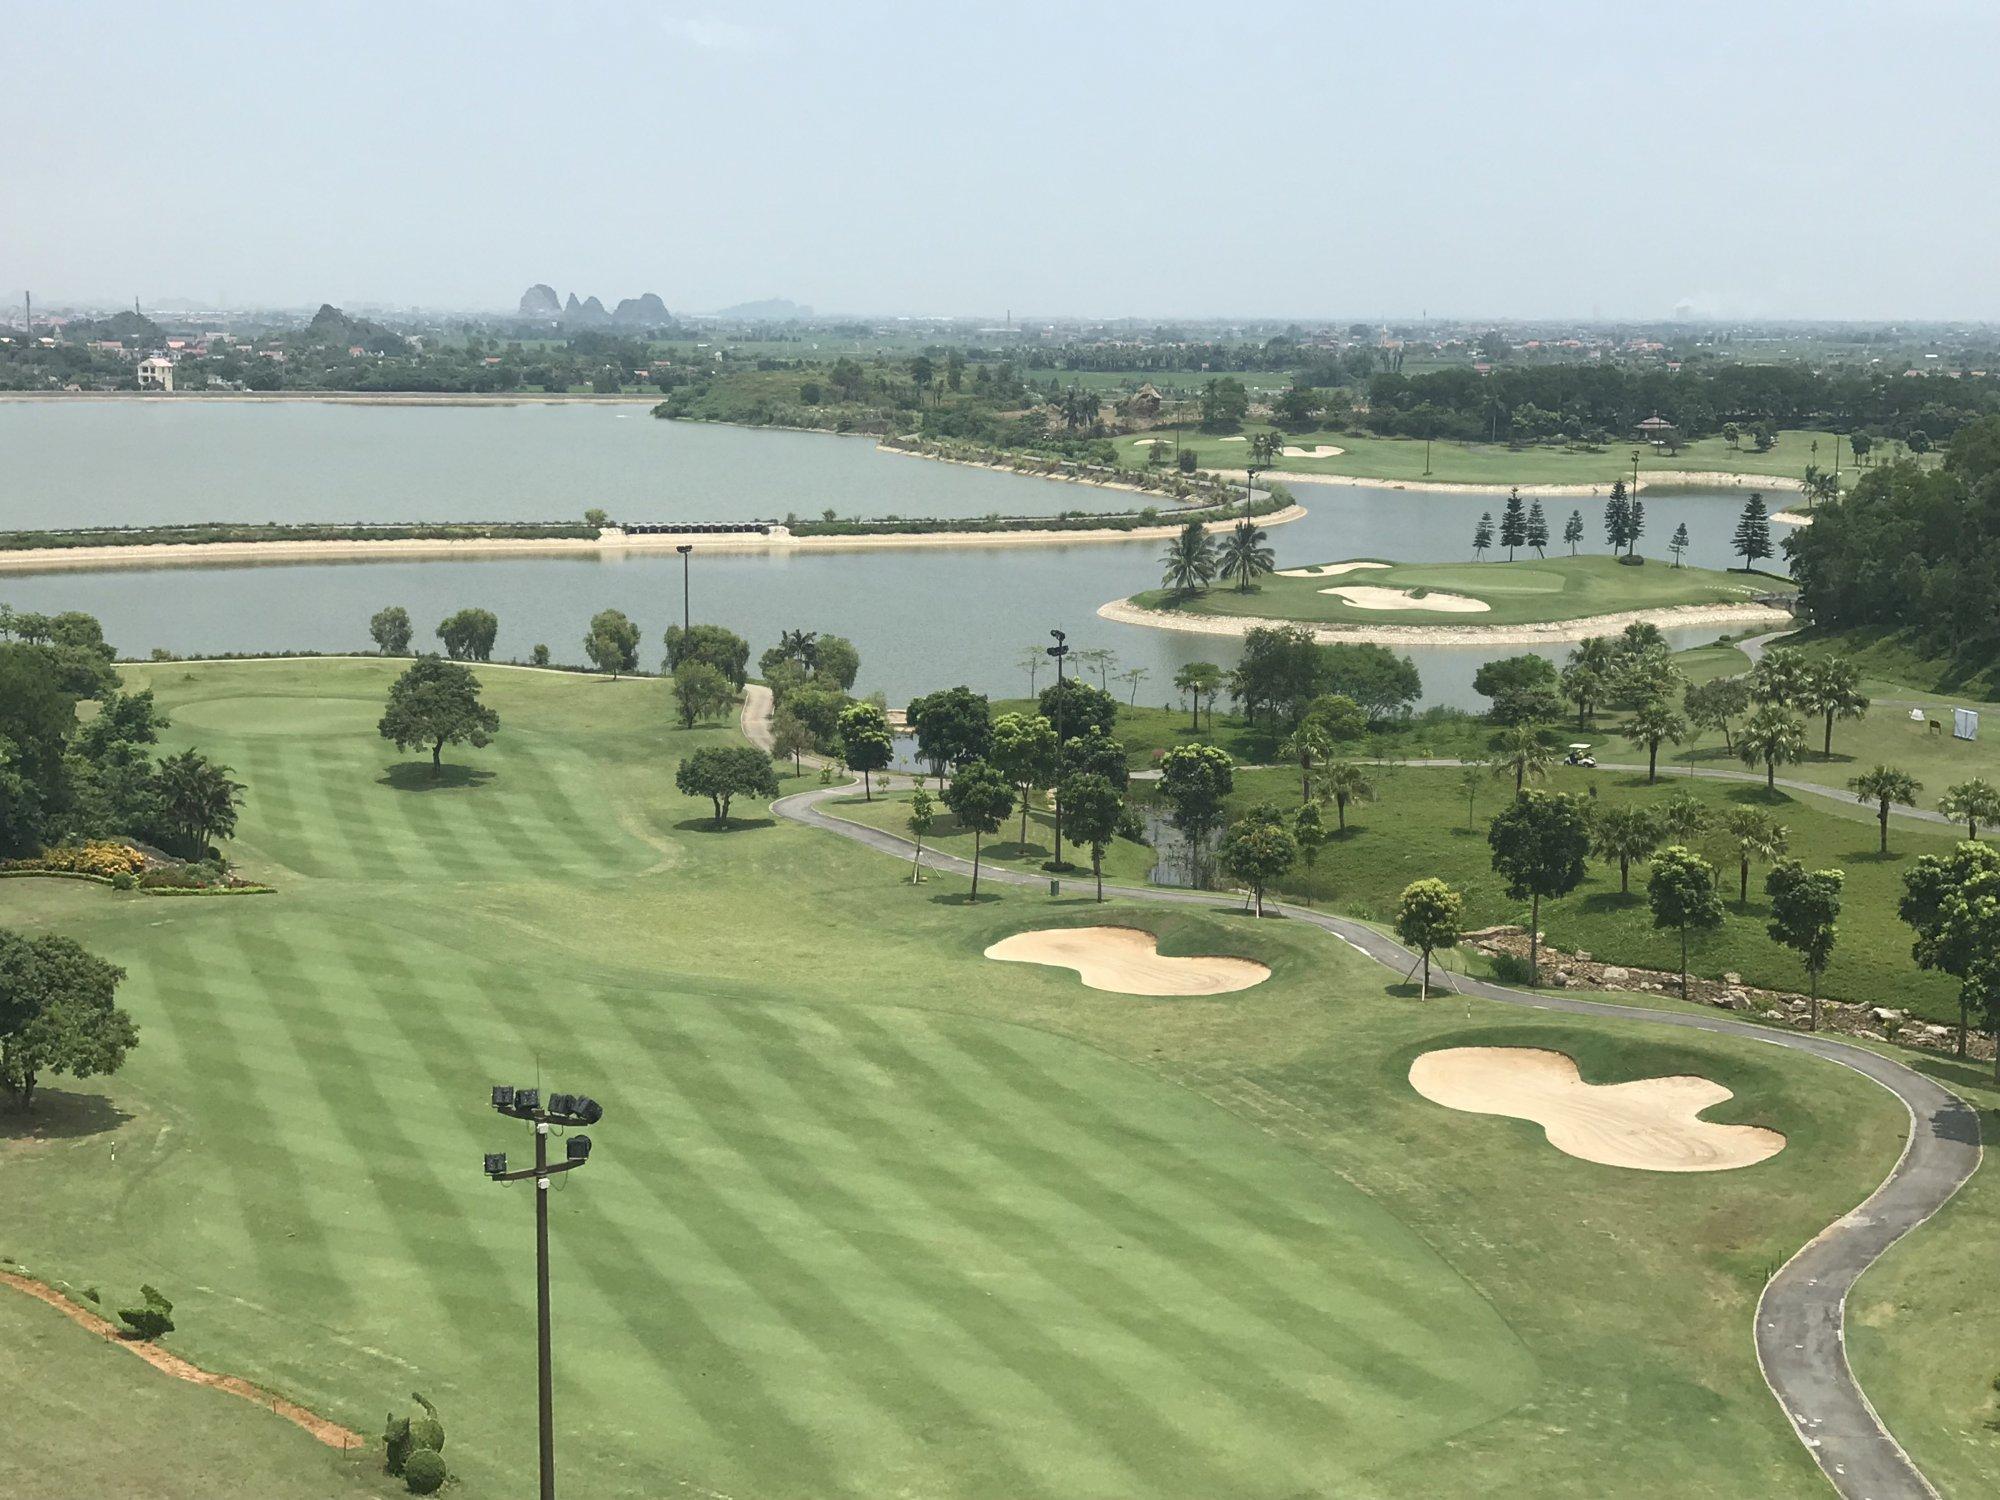 バナヒルズ ゴルフクラブ